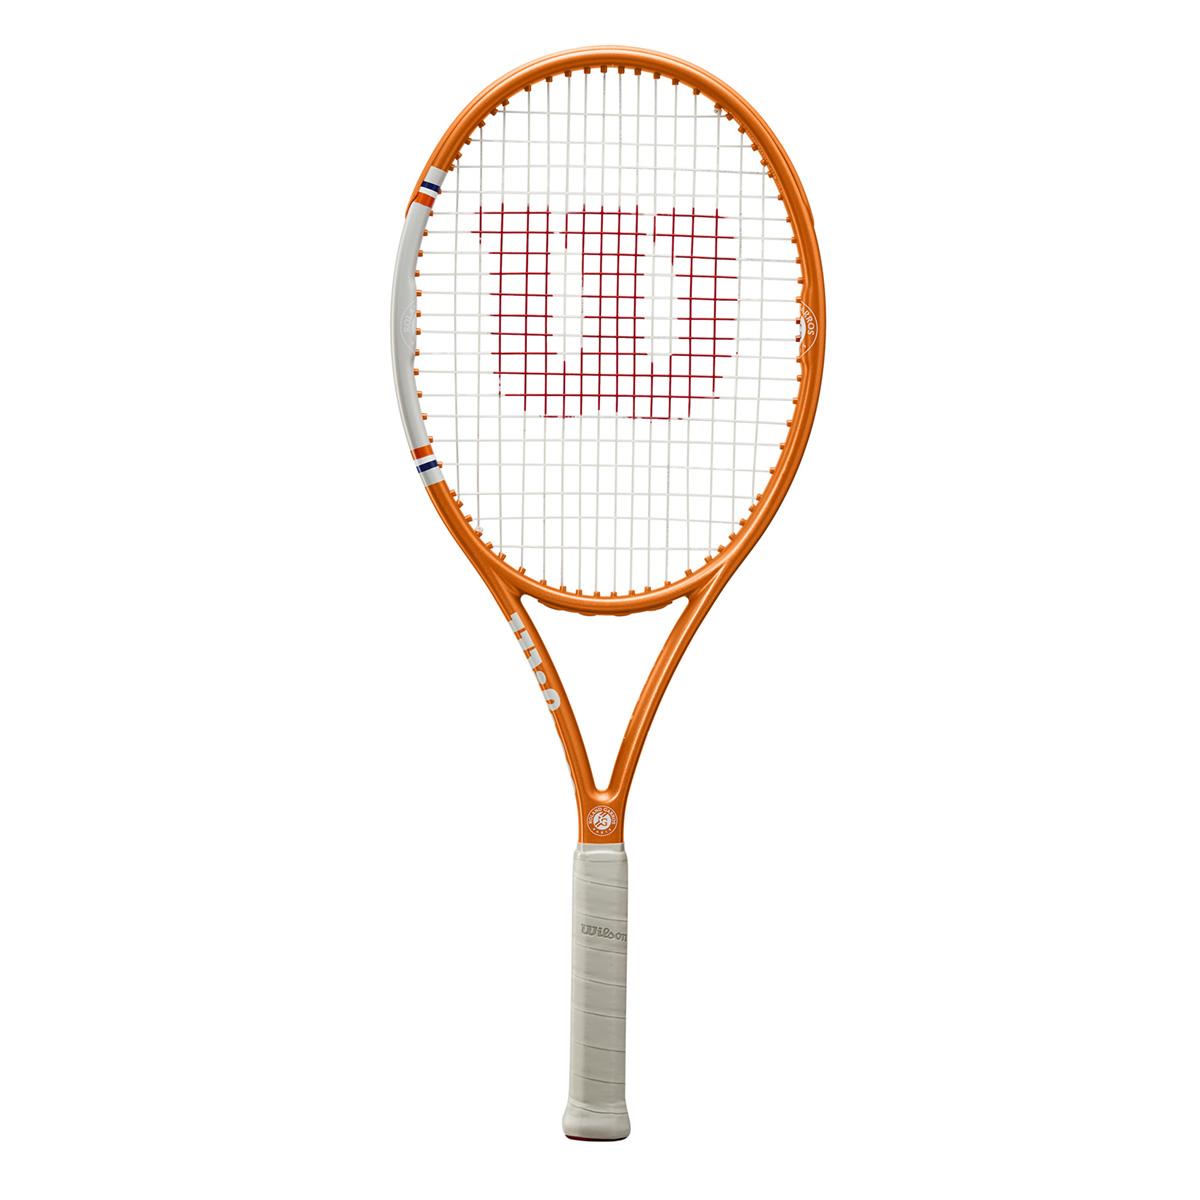 WR066310U_0_Roland_Garros_Team_102_OR_Oyster.png.cq5dam.web.2000.2000